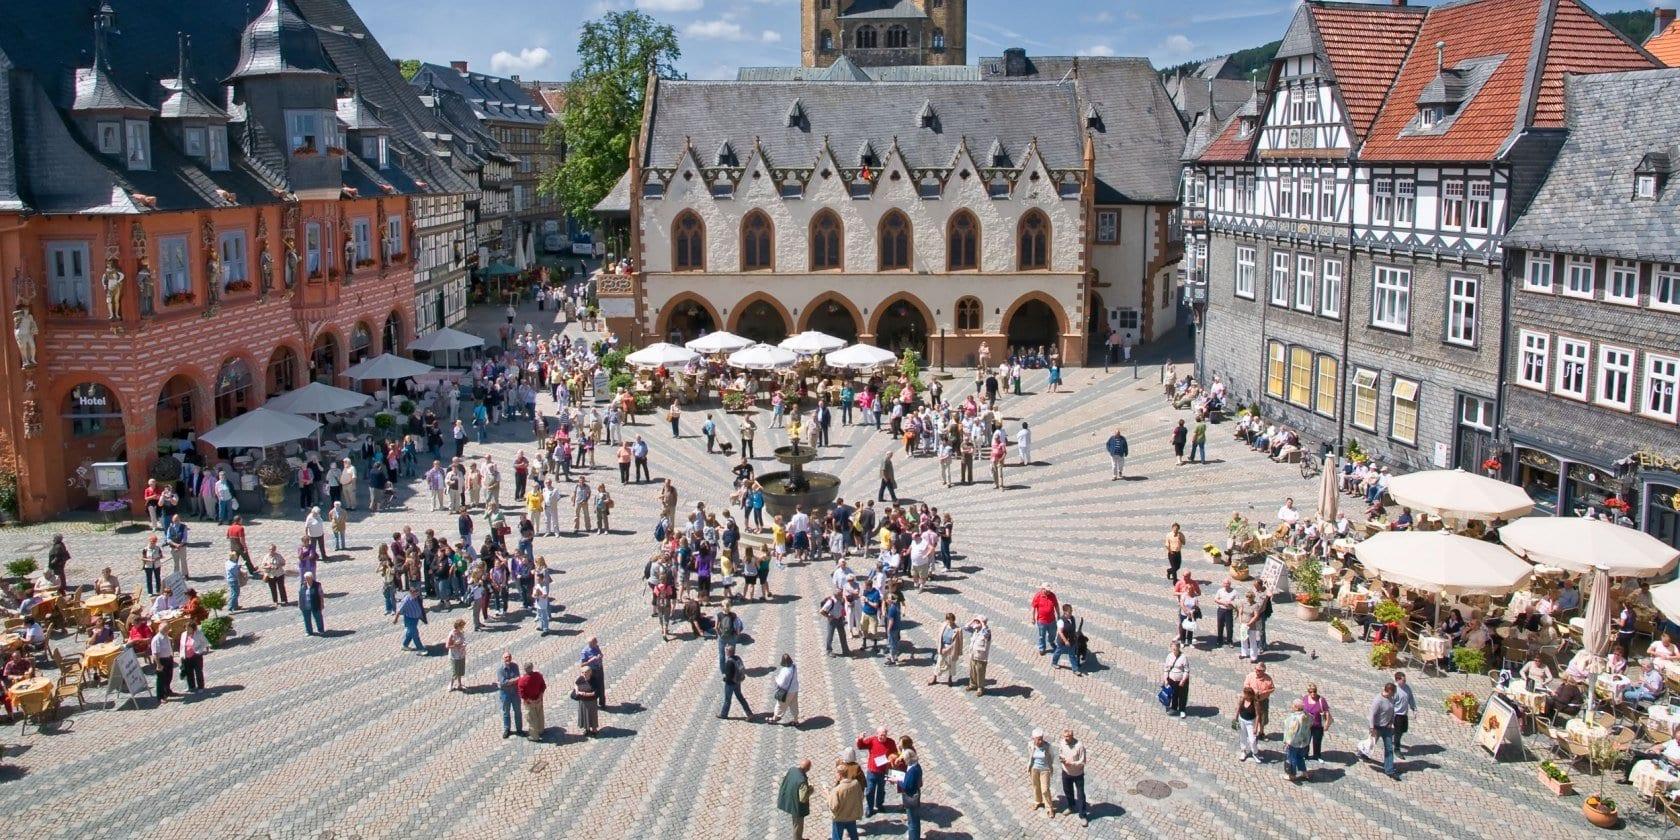 مدينة غوسلار في ألمانيا